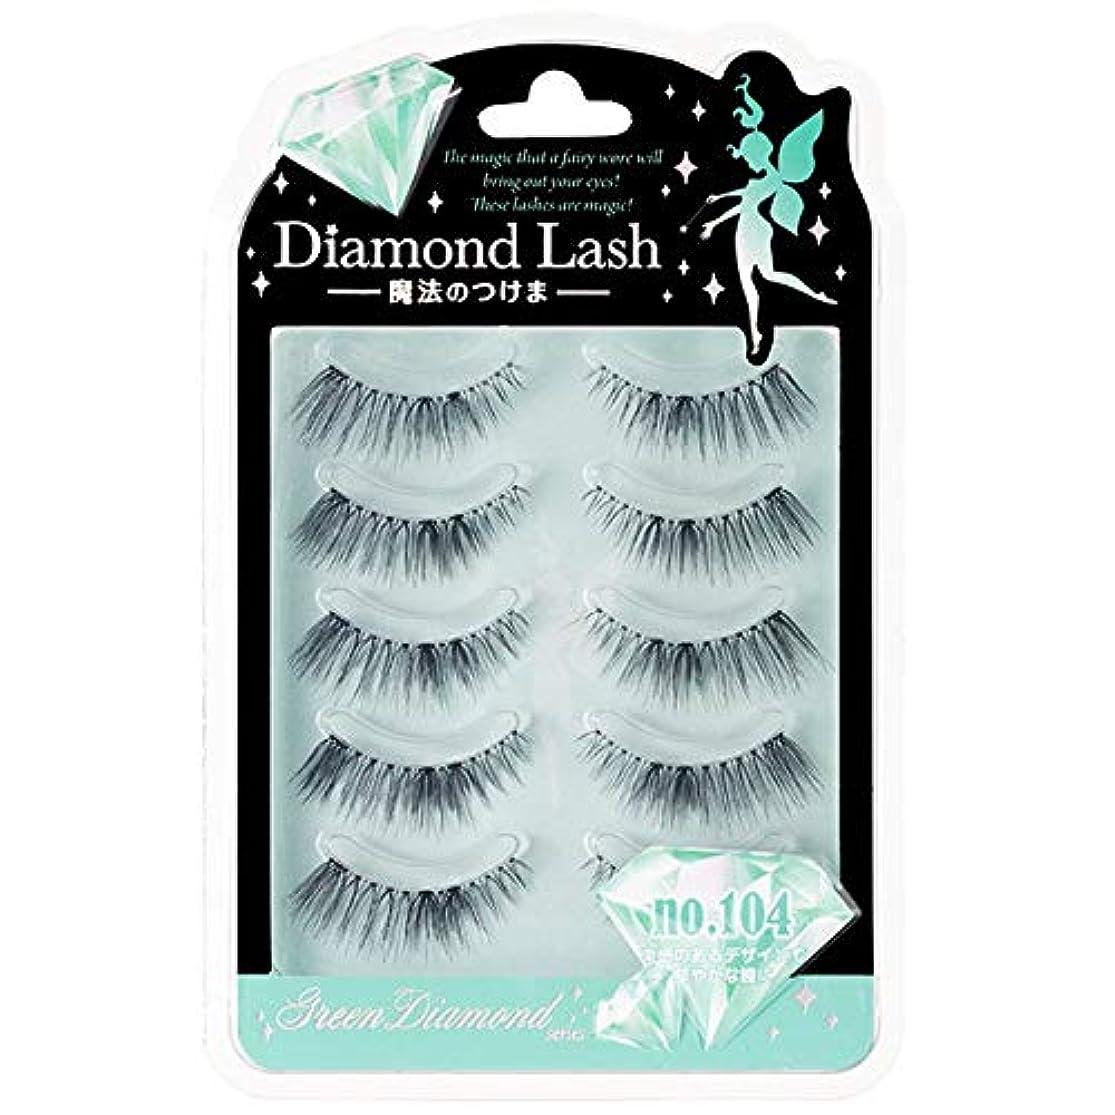 酸度十分興味Diamond Lash(ダイヤモンドラッシュ) グリーン no.104 5ペア